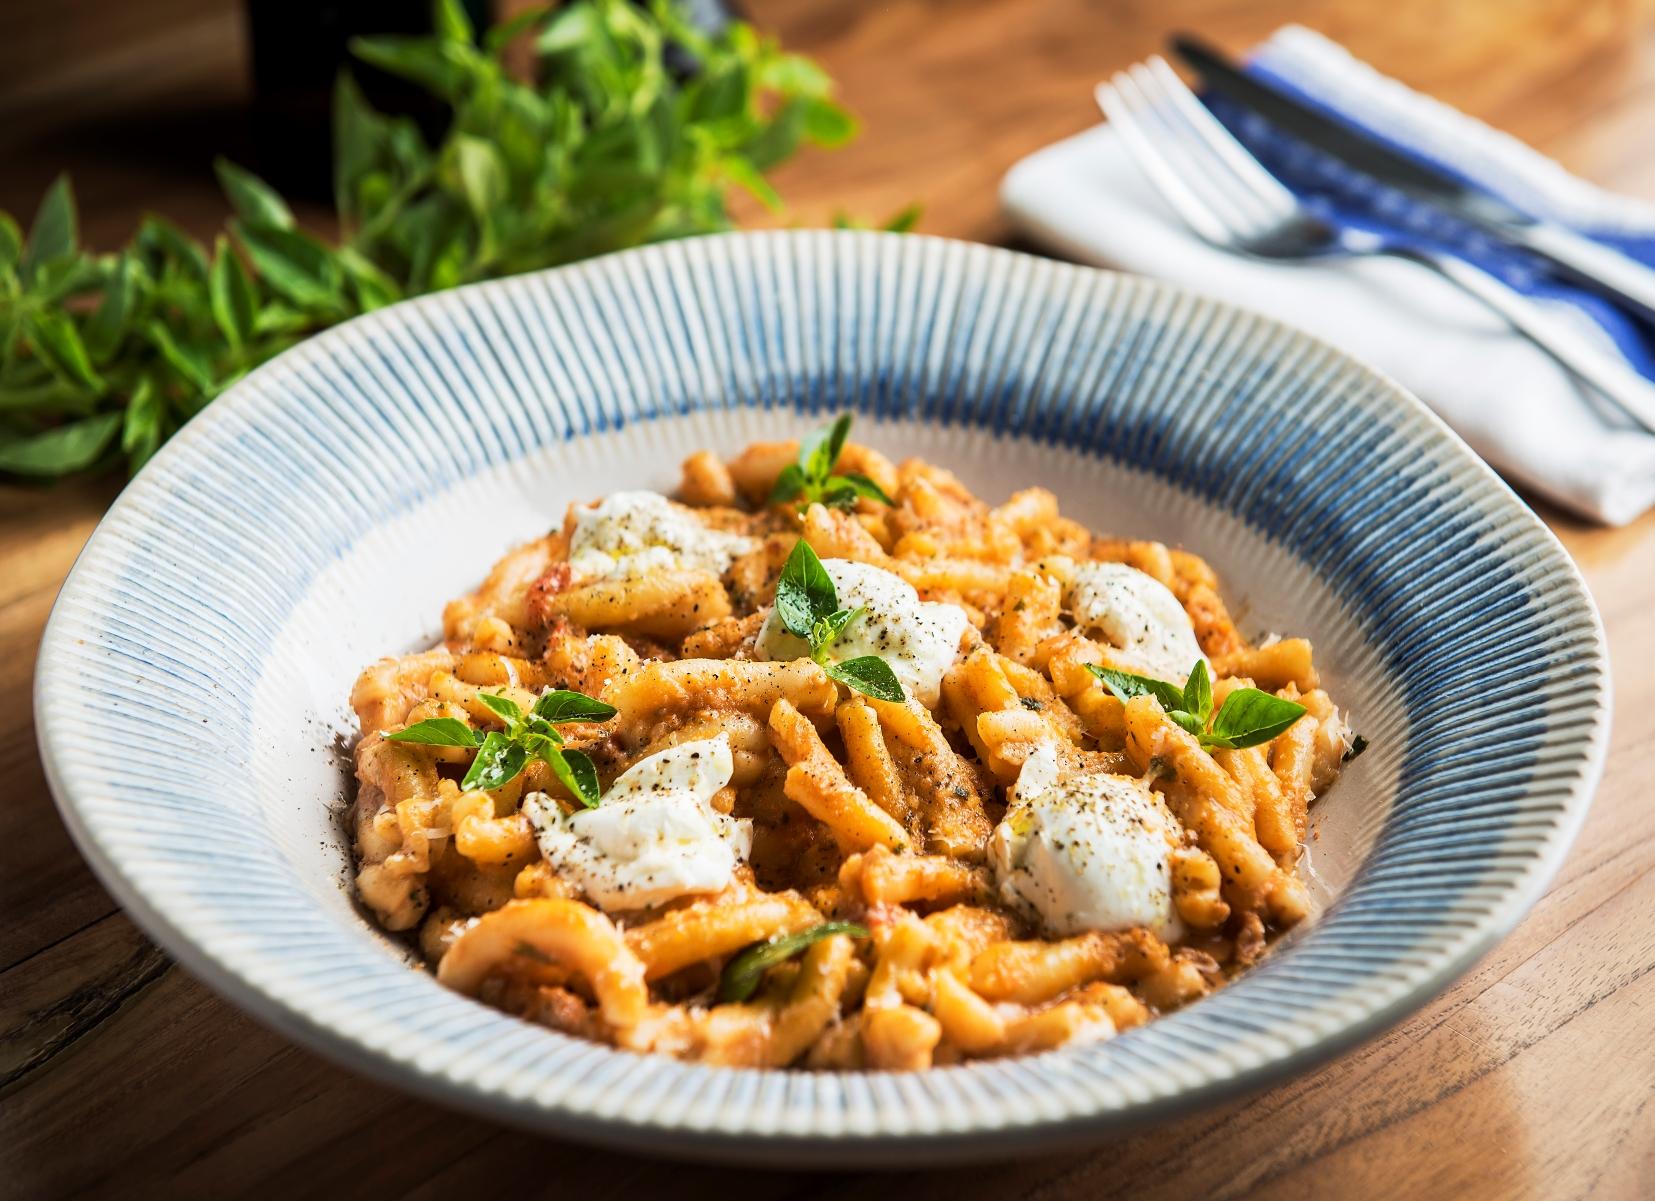 Casarecce trapanese, com pesto de tomate seco com muçarela de búfala, receita vegetariana do Jamie's Italian Curitiba.